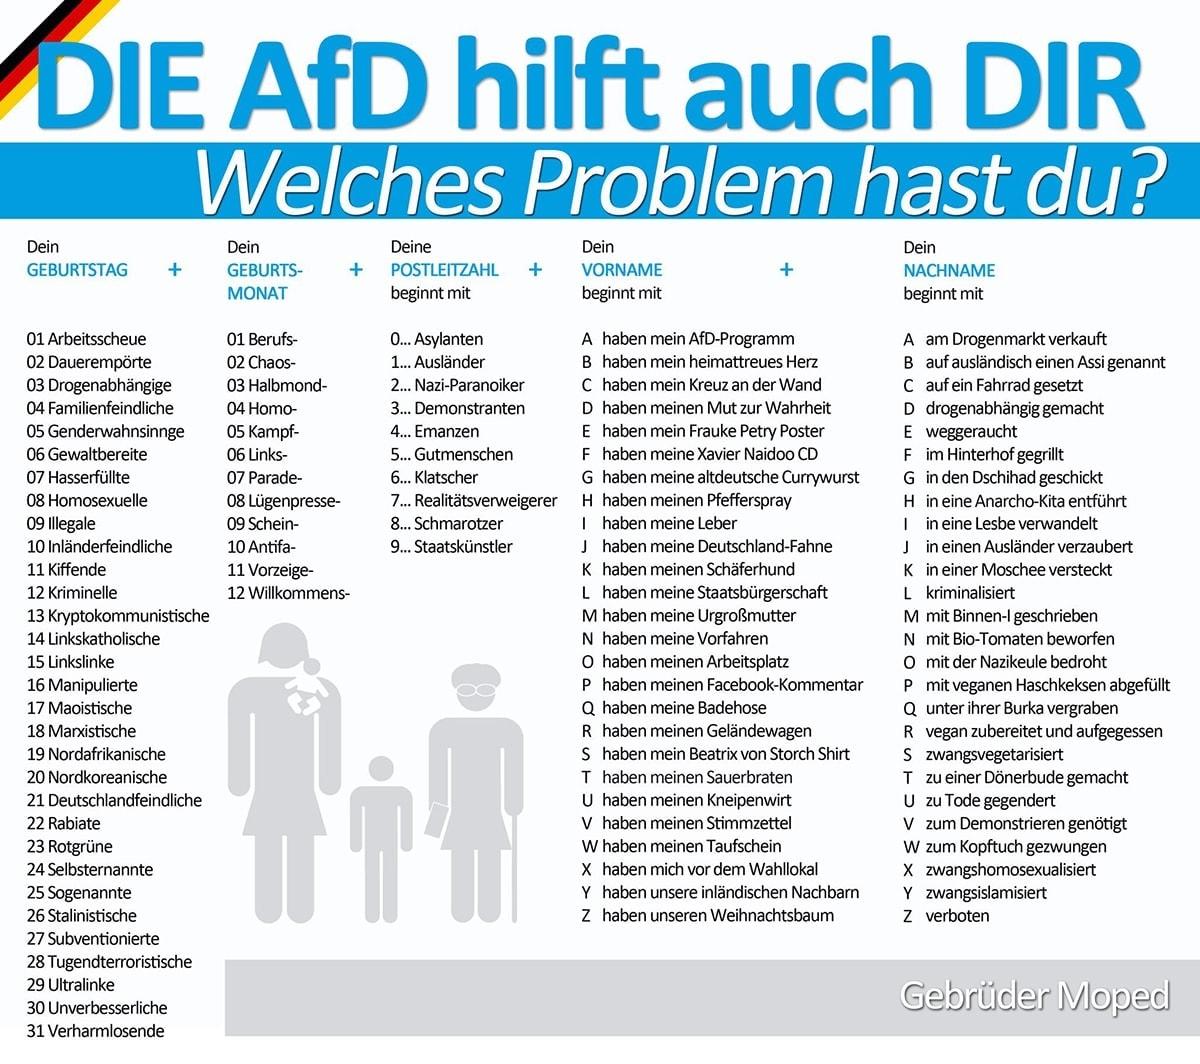 (Besorgter) Bürgerservice: Die AfD hilft auch dir - Welches Problem hast du? | Lustiges | Was is hier eigentlich los?